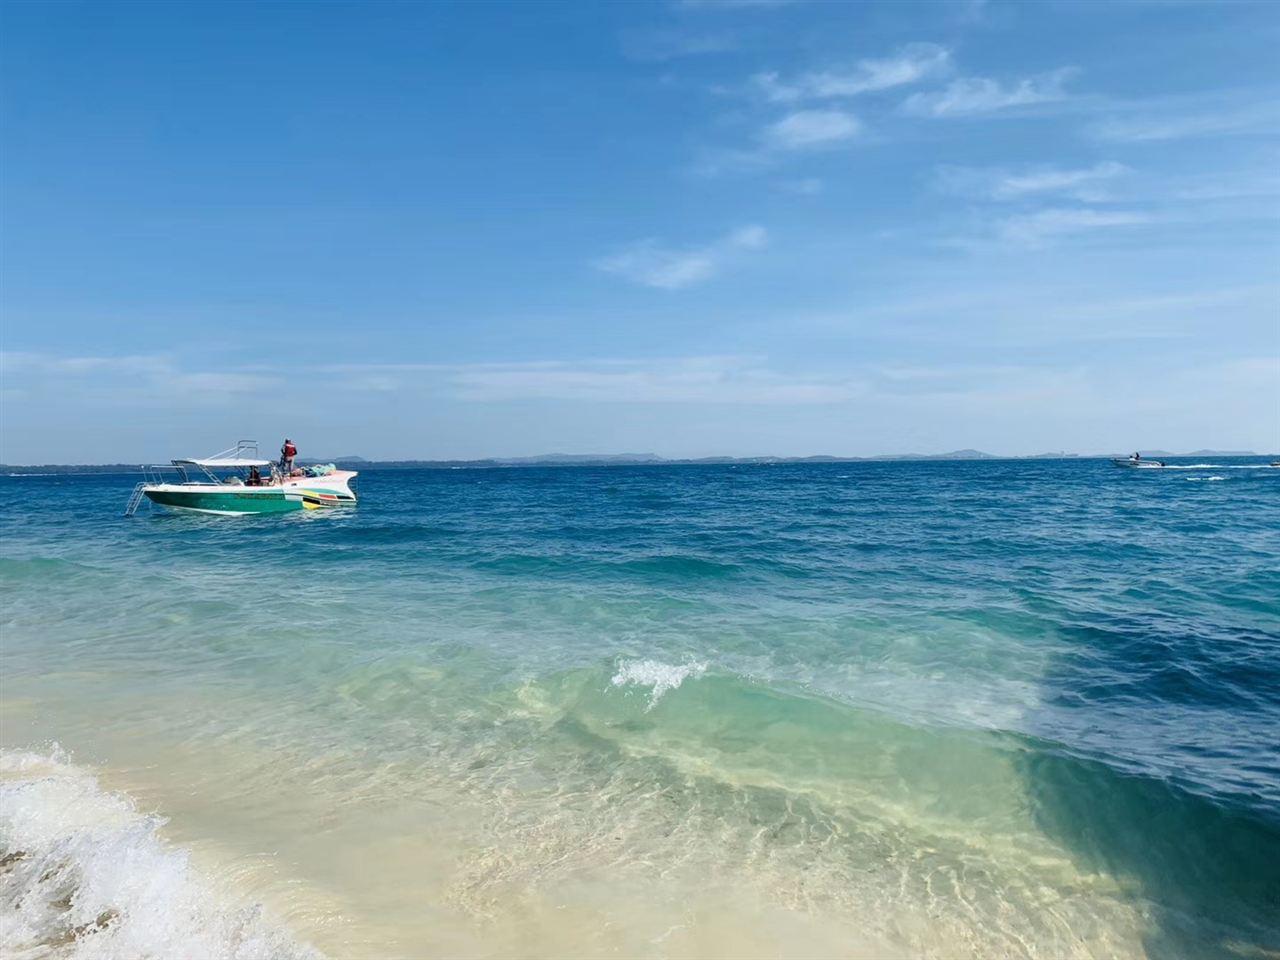 海洋环境监测系统推陈出新 保护海洋生态迫在眉睫